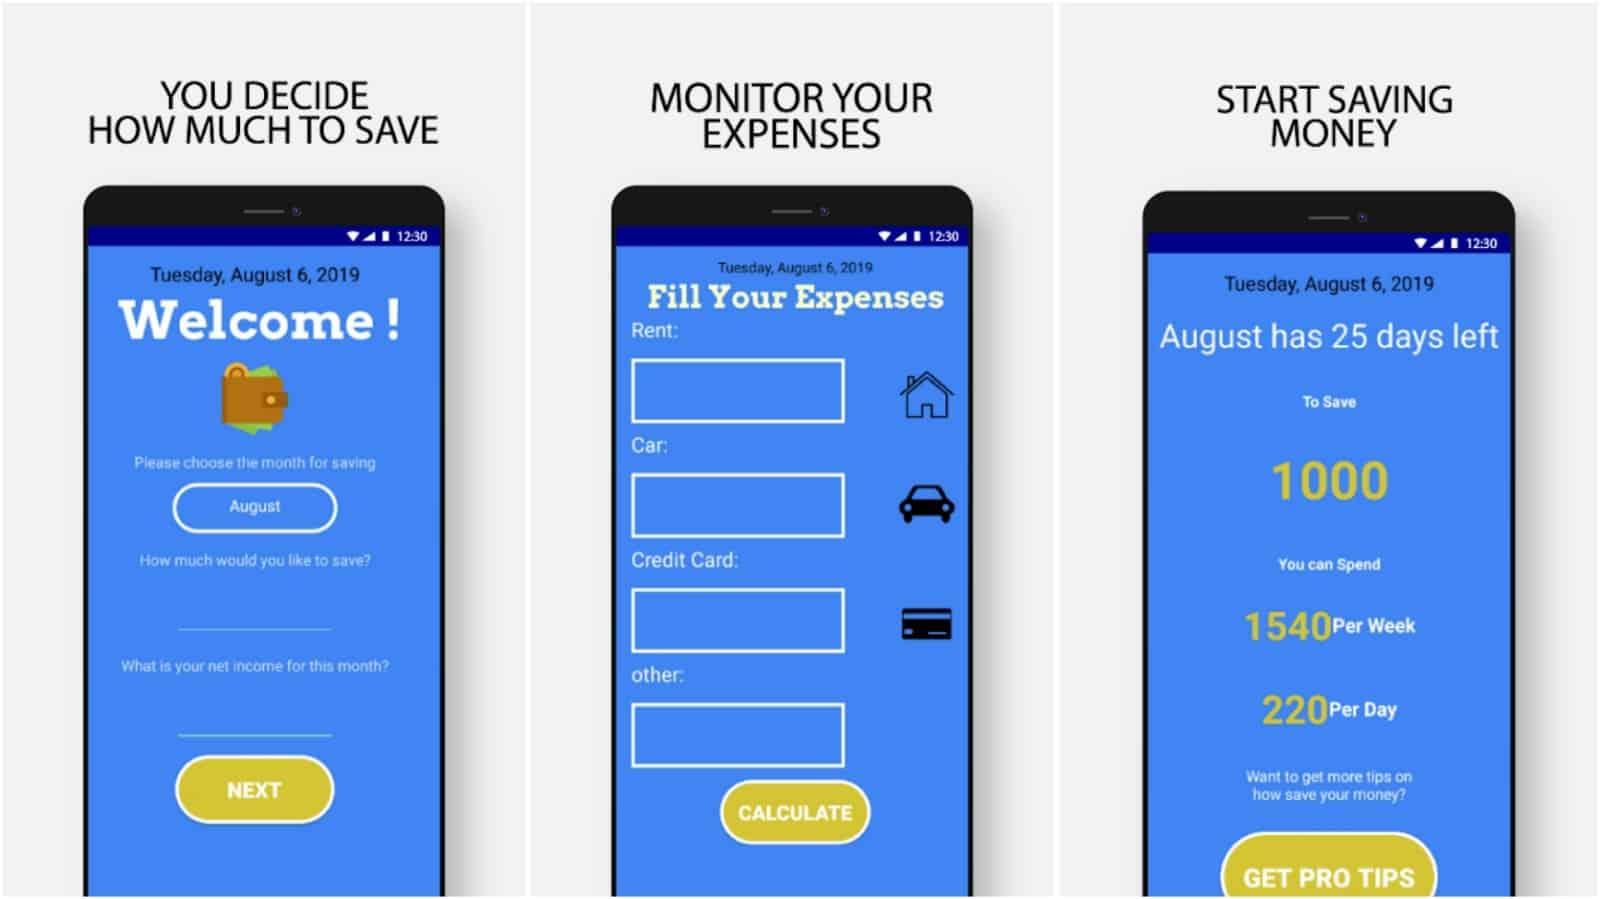 Изображение сетки приложения Как сэкономить деньги